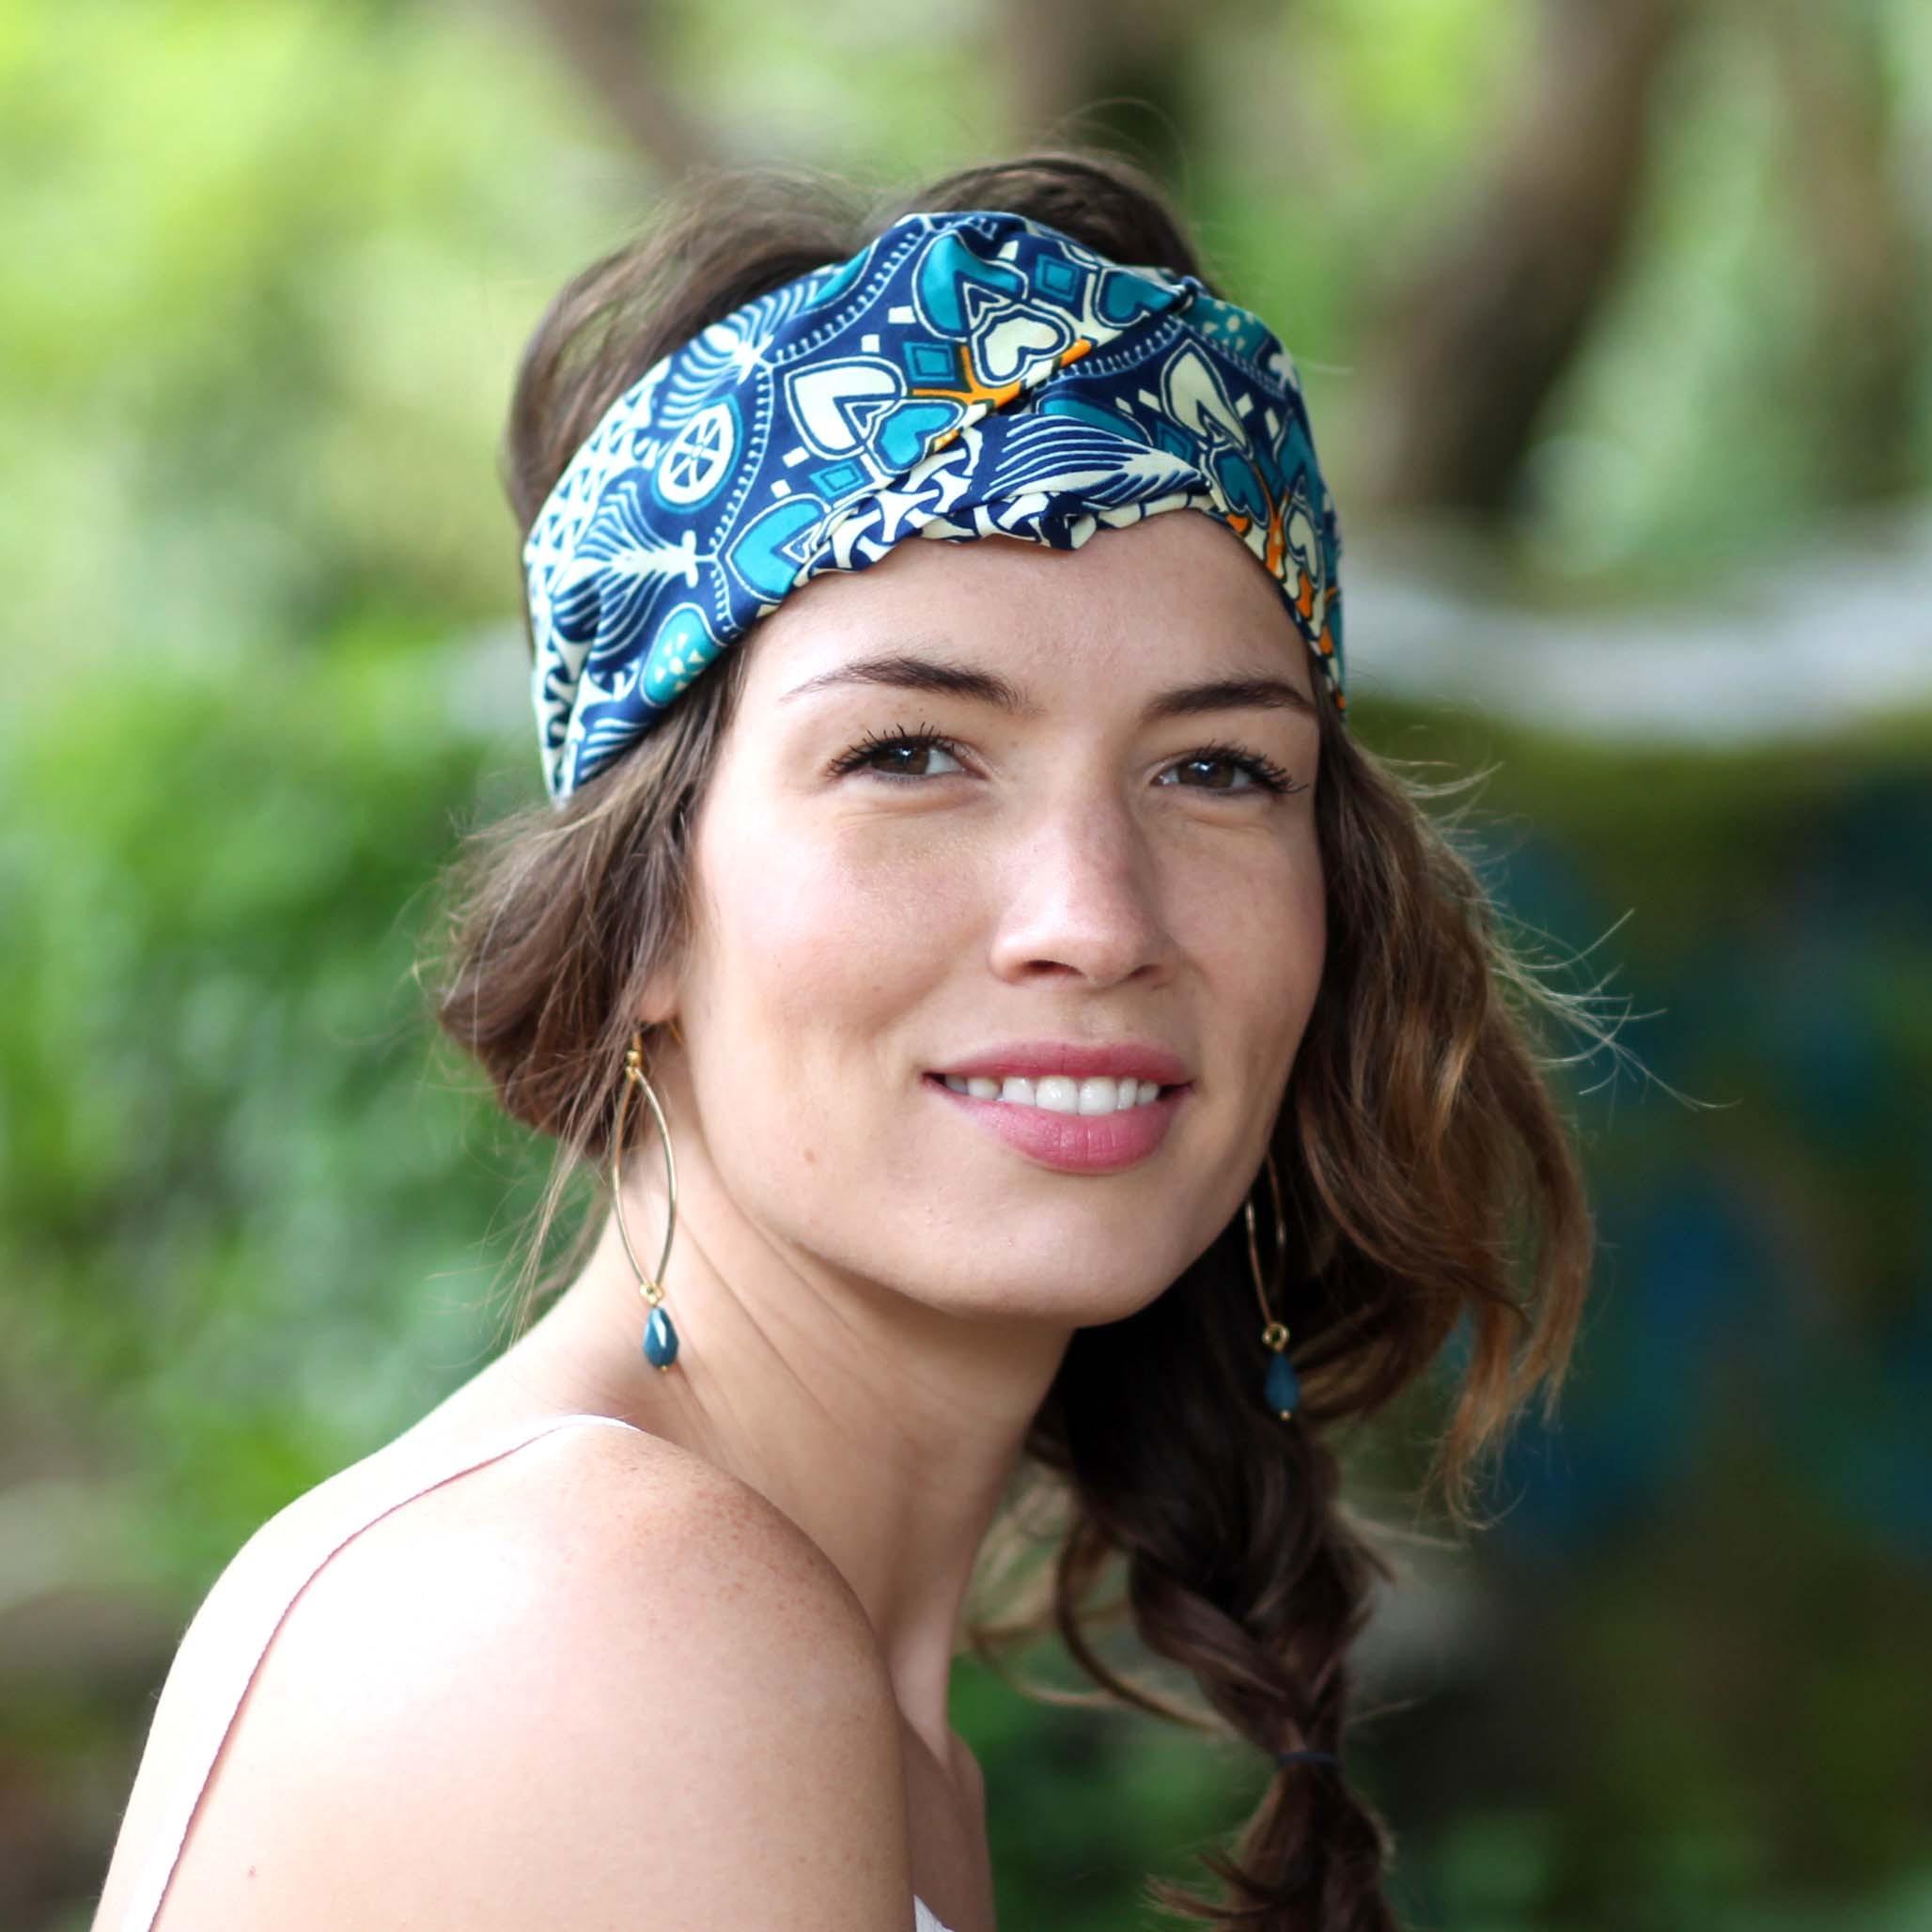 dernier style de 2019 répliques nouveau sélection Bandeau Wax Saphir - headband turban en tissu africain ...